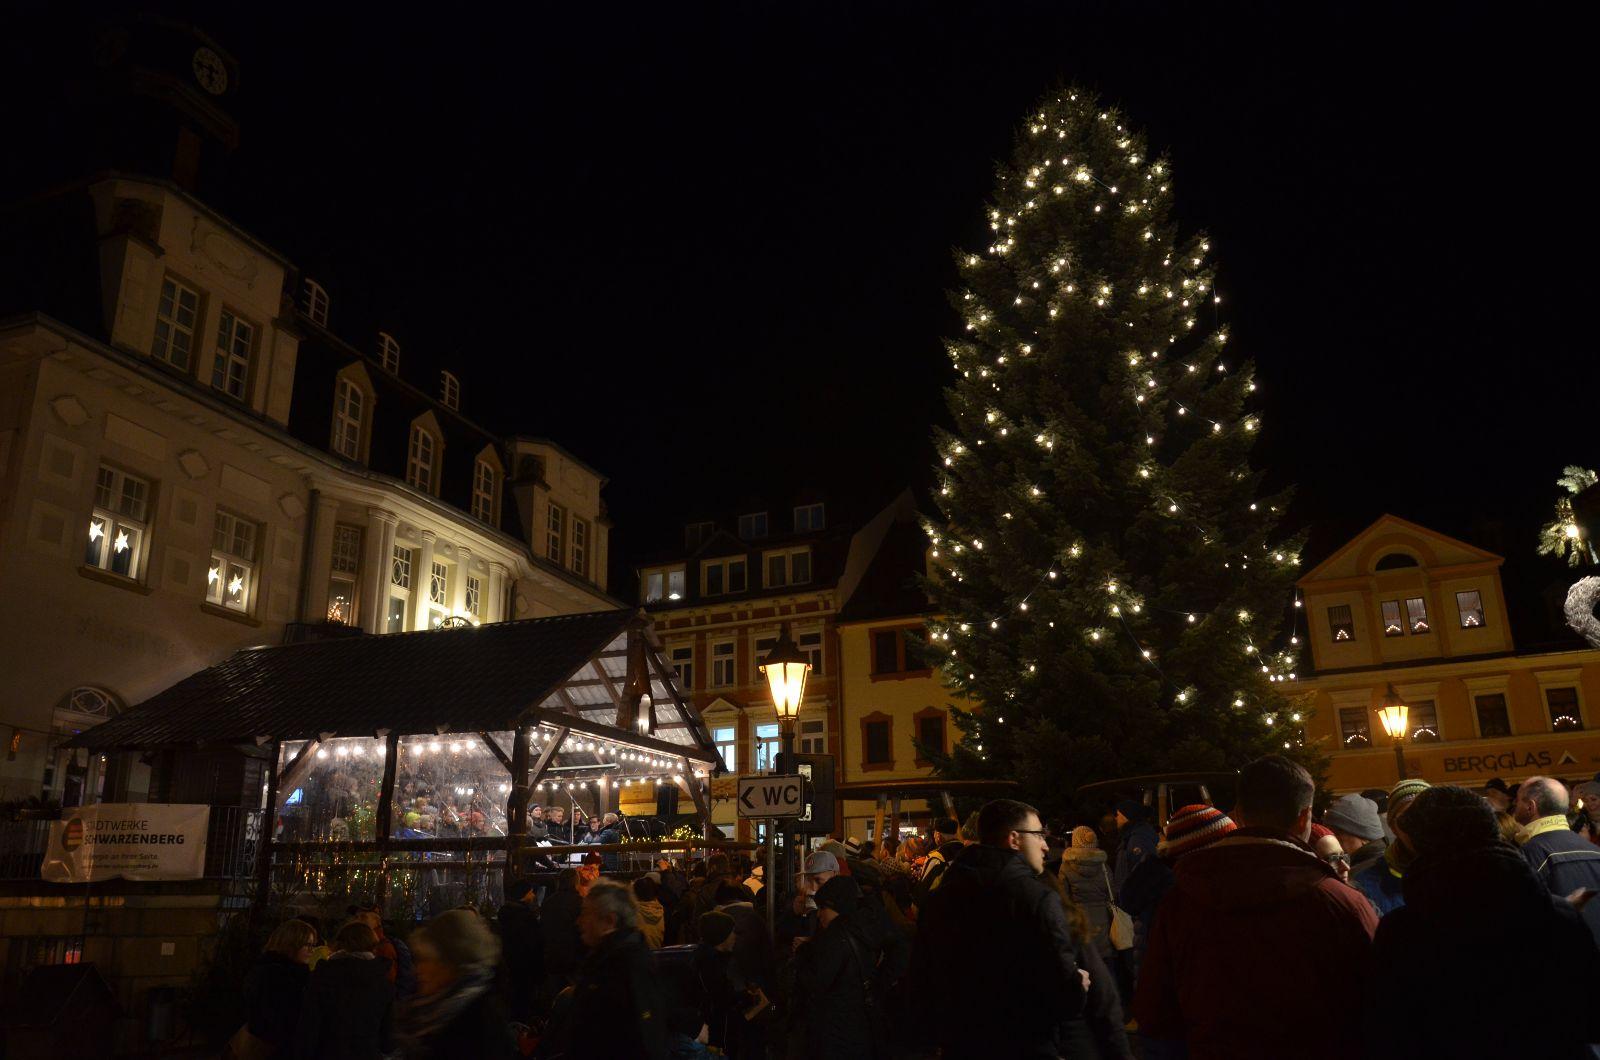 Weihnachtsmarkt Schwarzenberg.Unser Chor Auf Dem Schwarzenberger Weihnachtsmarkt Bertolt Brecht